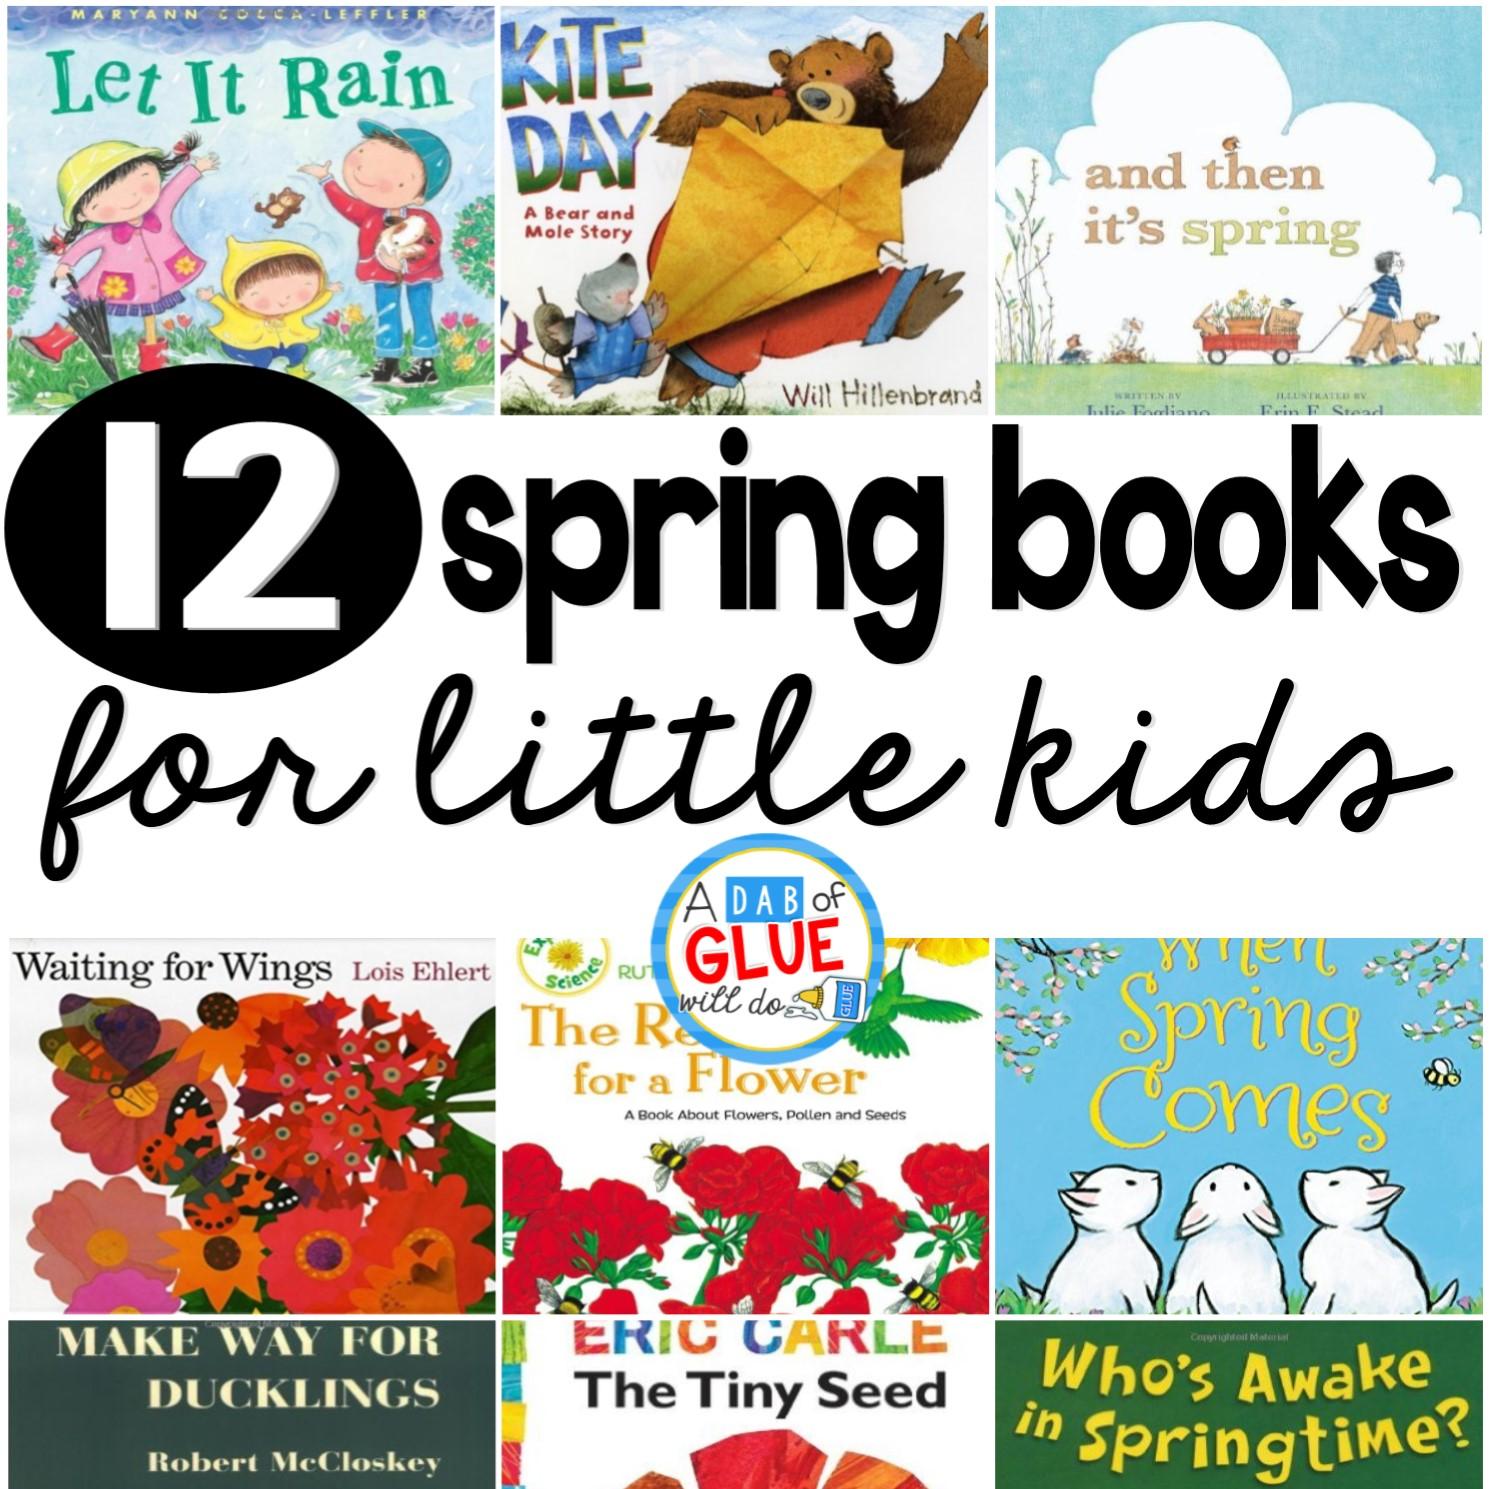 12 spring books for little kids